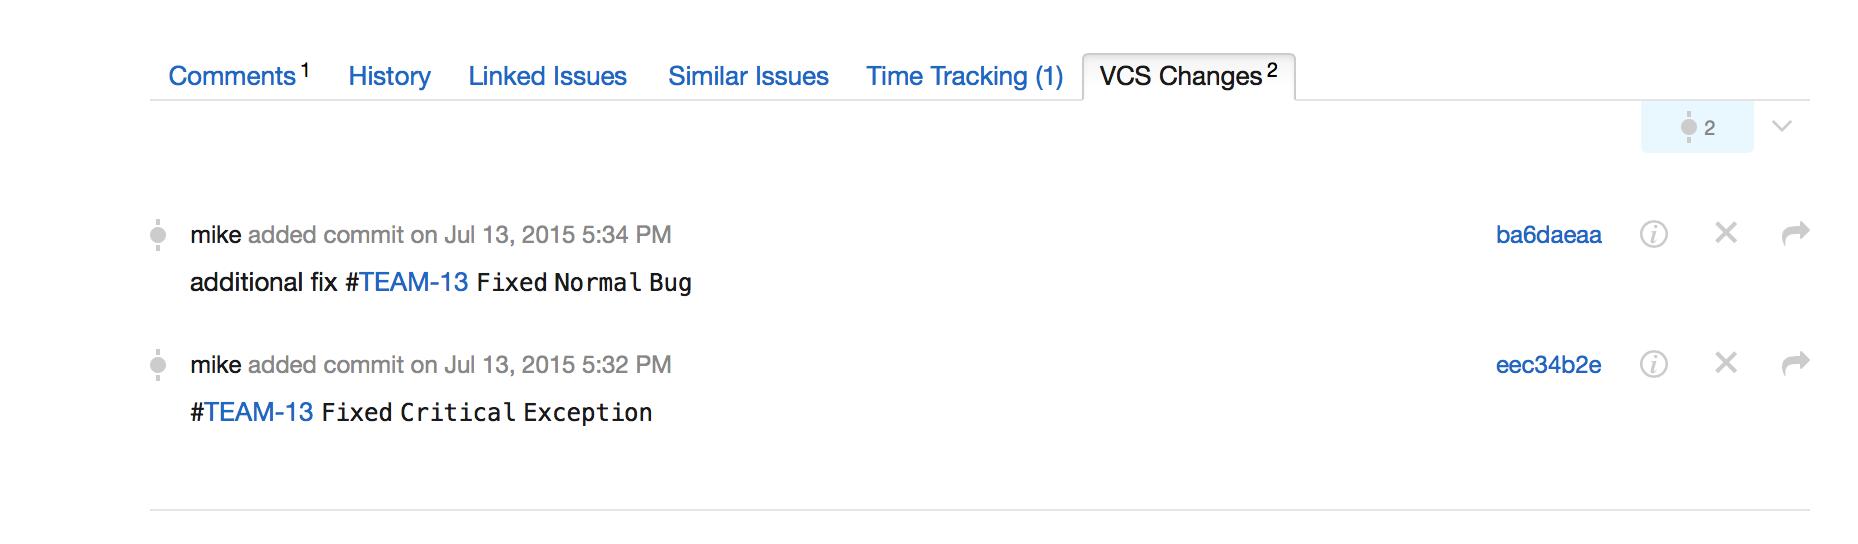 VCS+changes